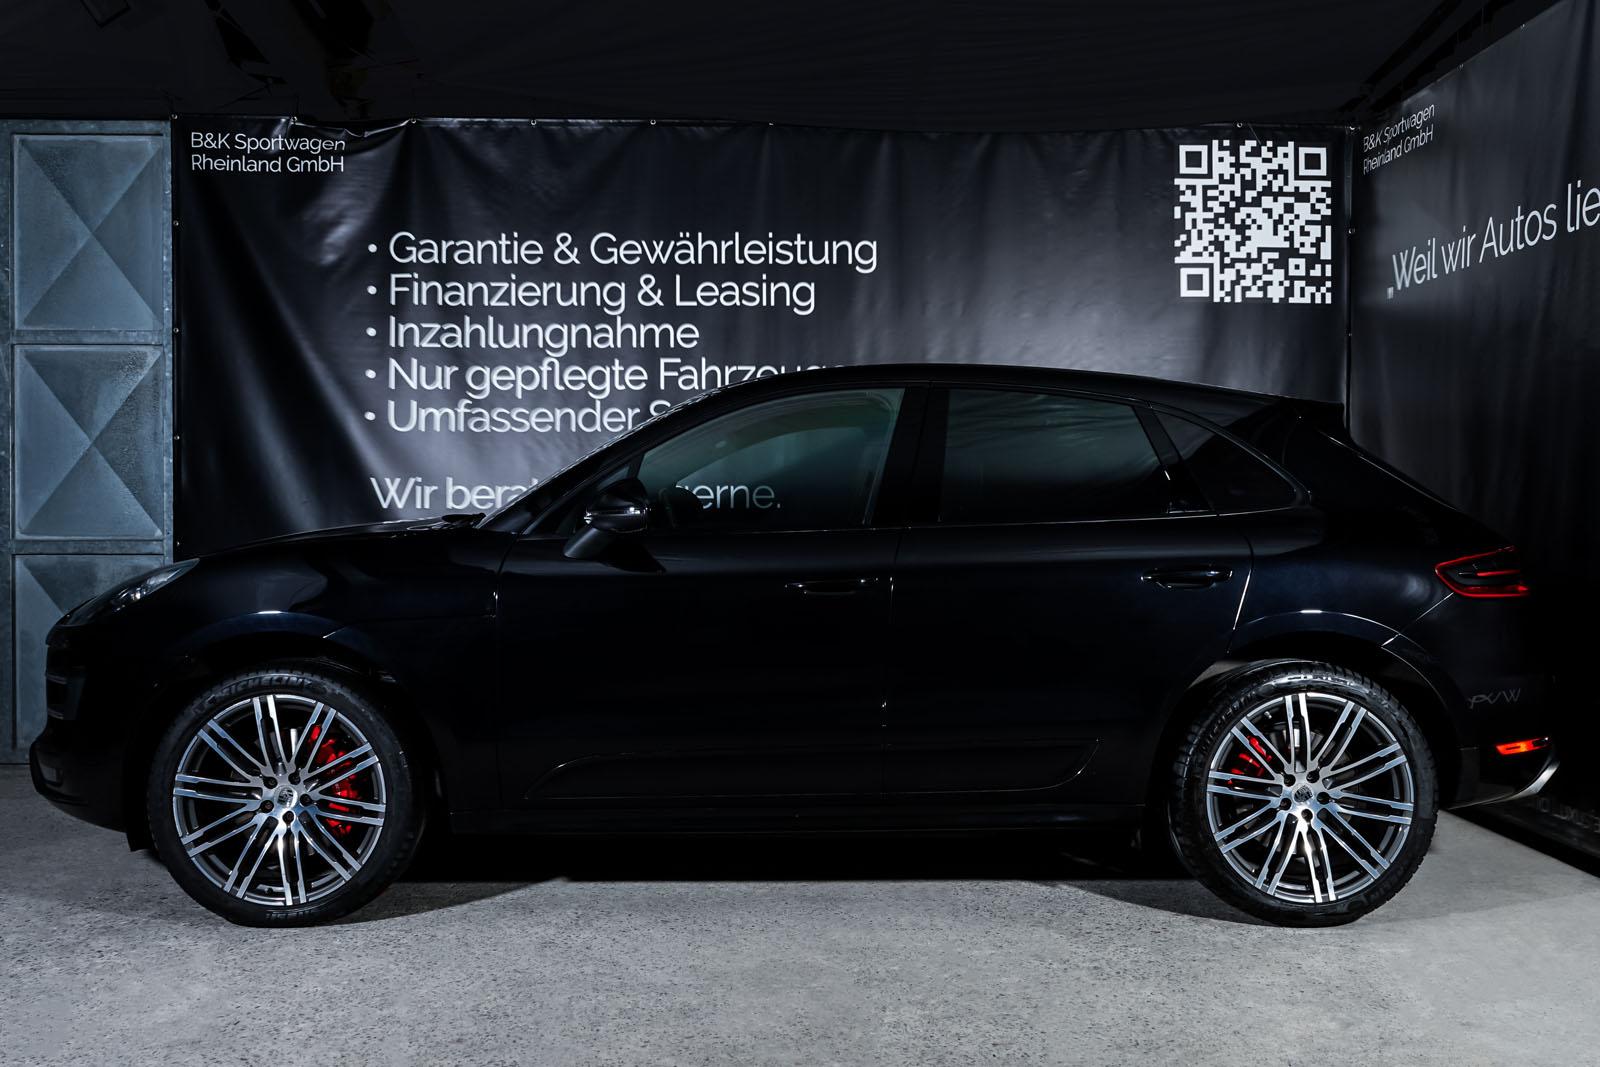 Porsche_Macan_TurboS_Schwarz_Schwarz_POR-2871_5_w